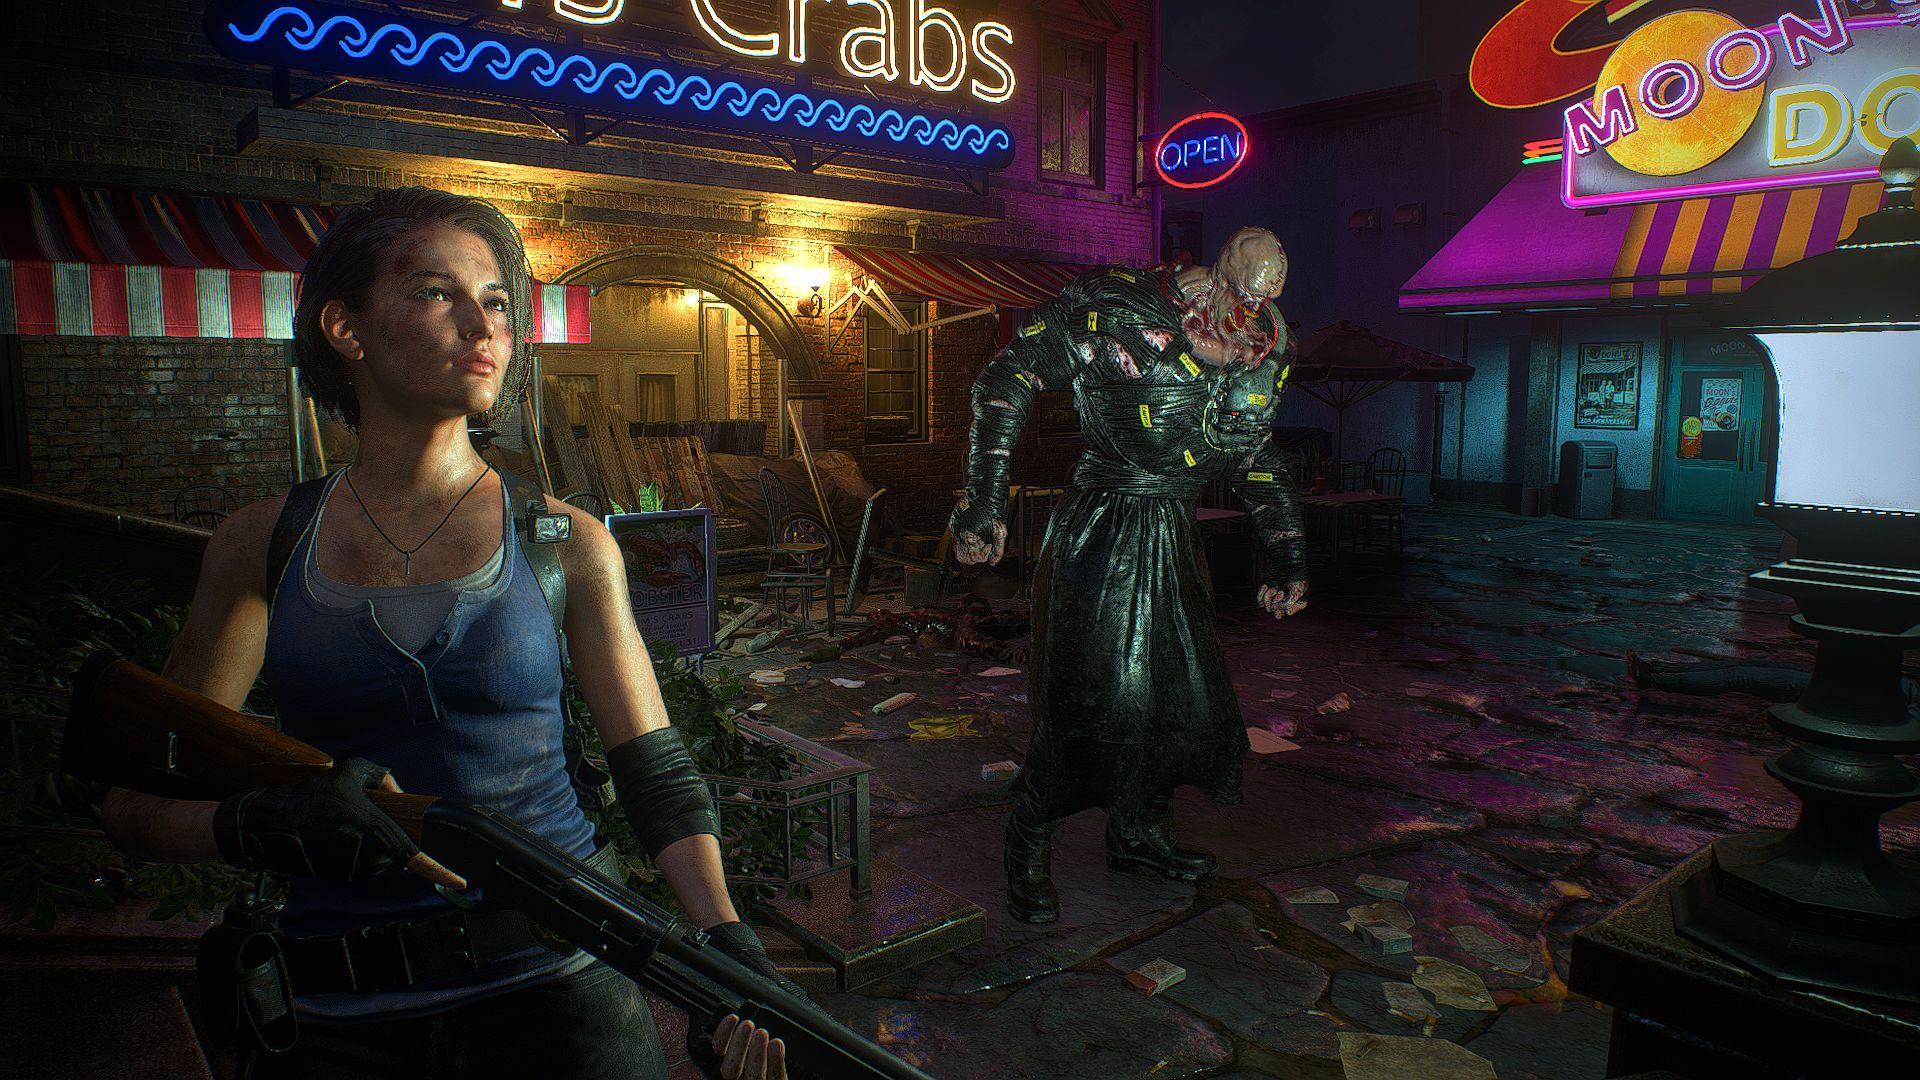 00074.Jpg - Resident Evil 3: Nemesis